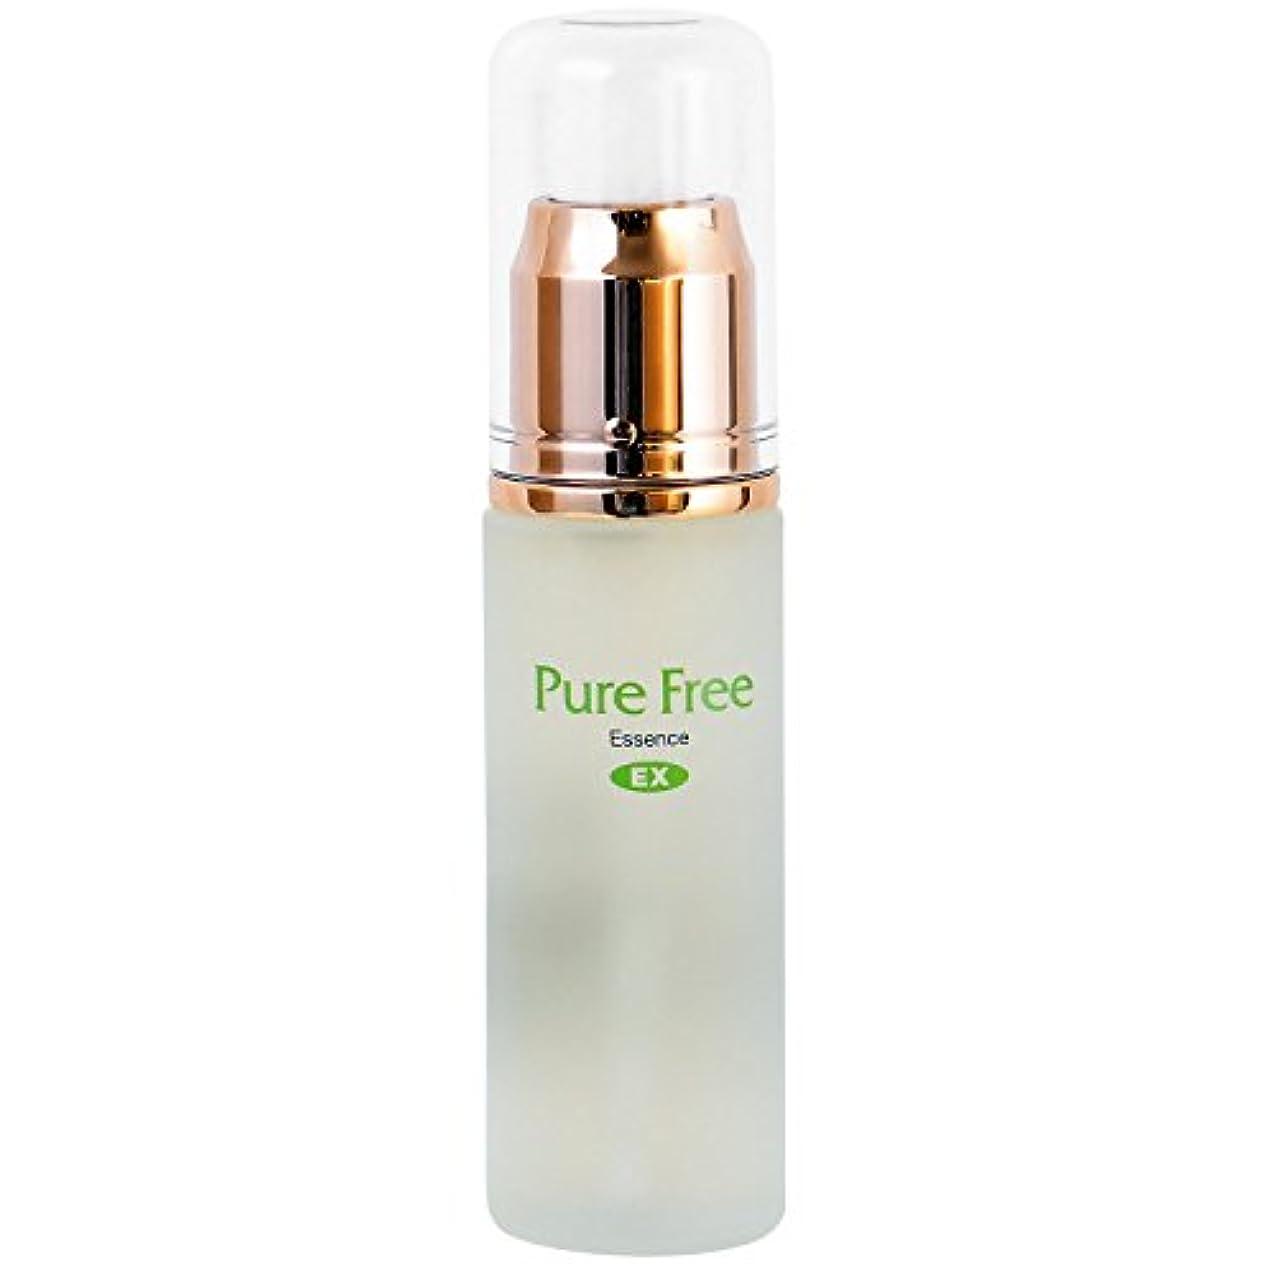 苗偶然軌道Pure Free (ピュアフリー) エッセンスEX オーガニック 正規品 美容液 (サンプル用意あり)